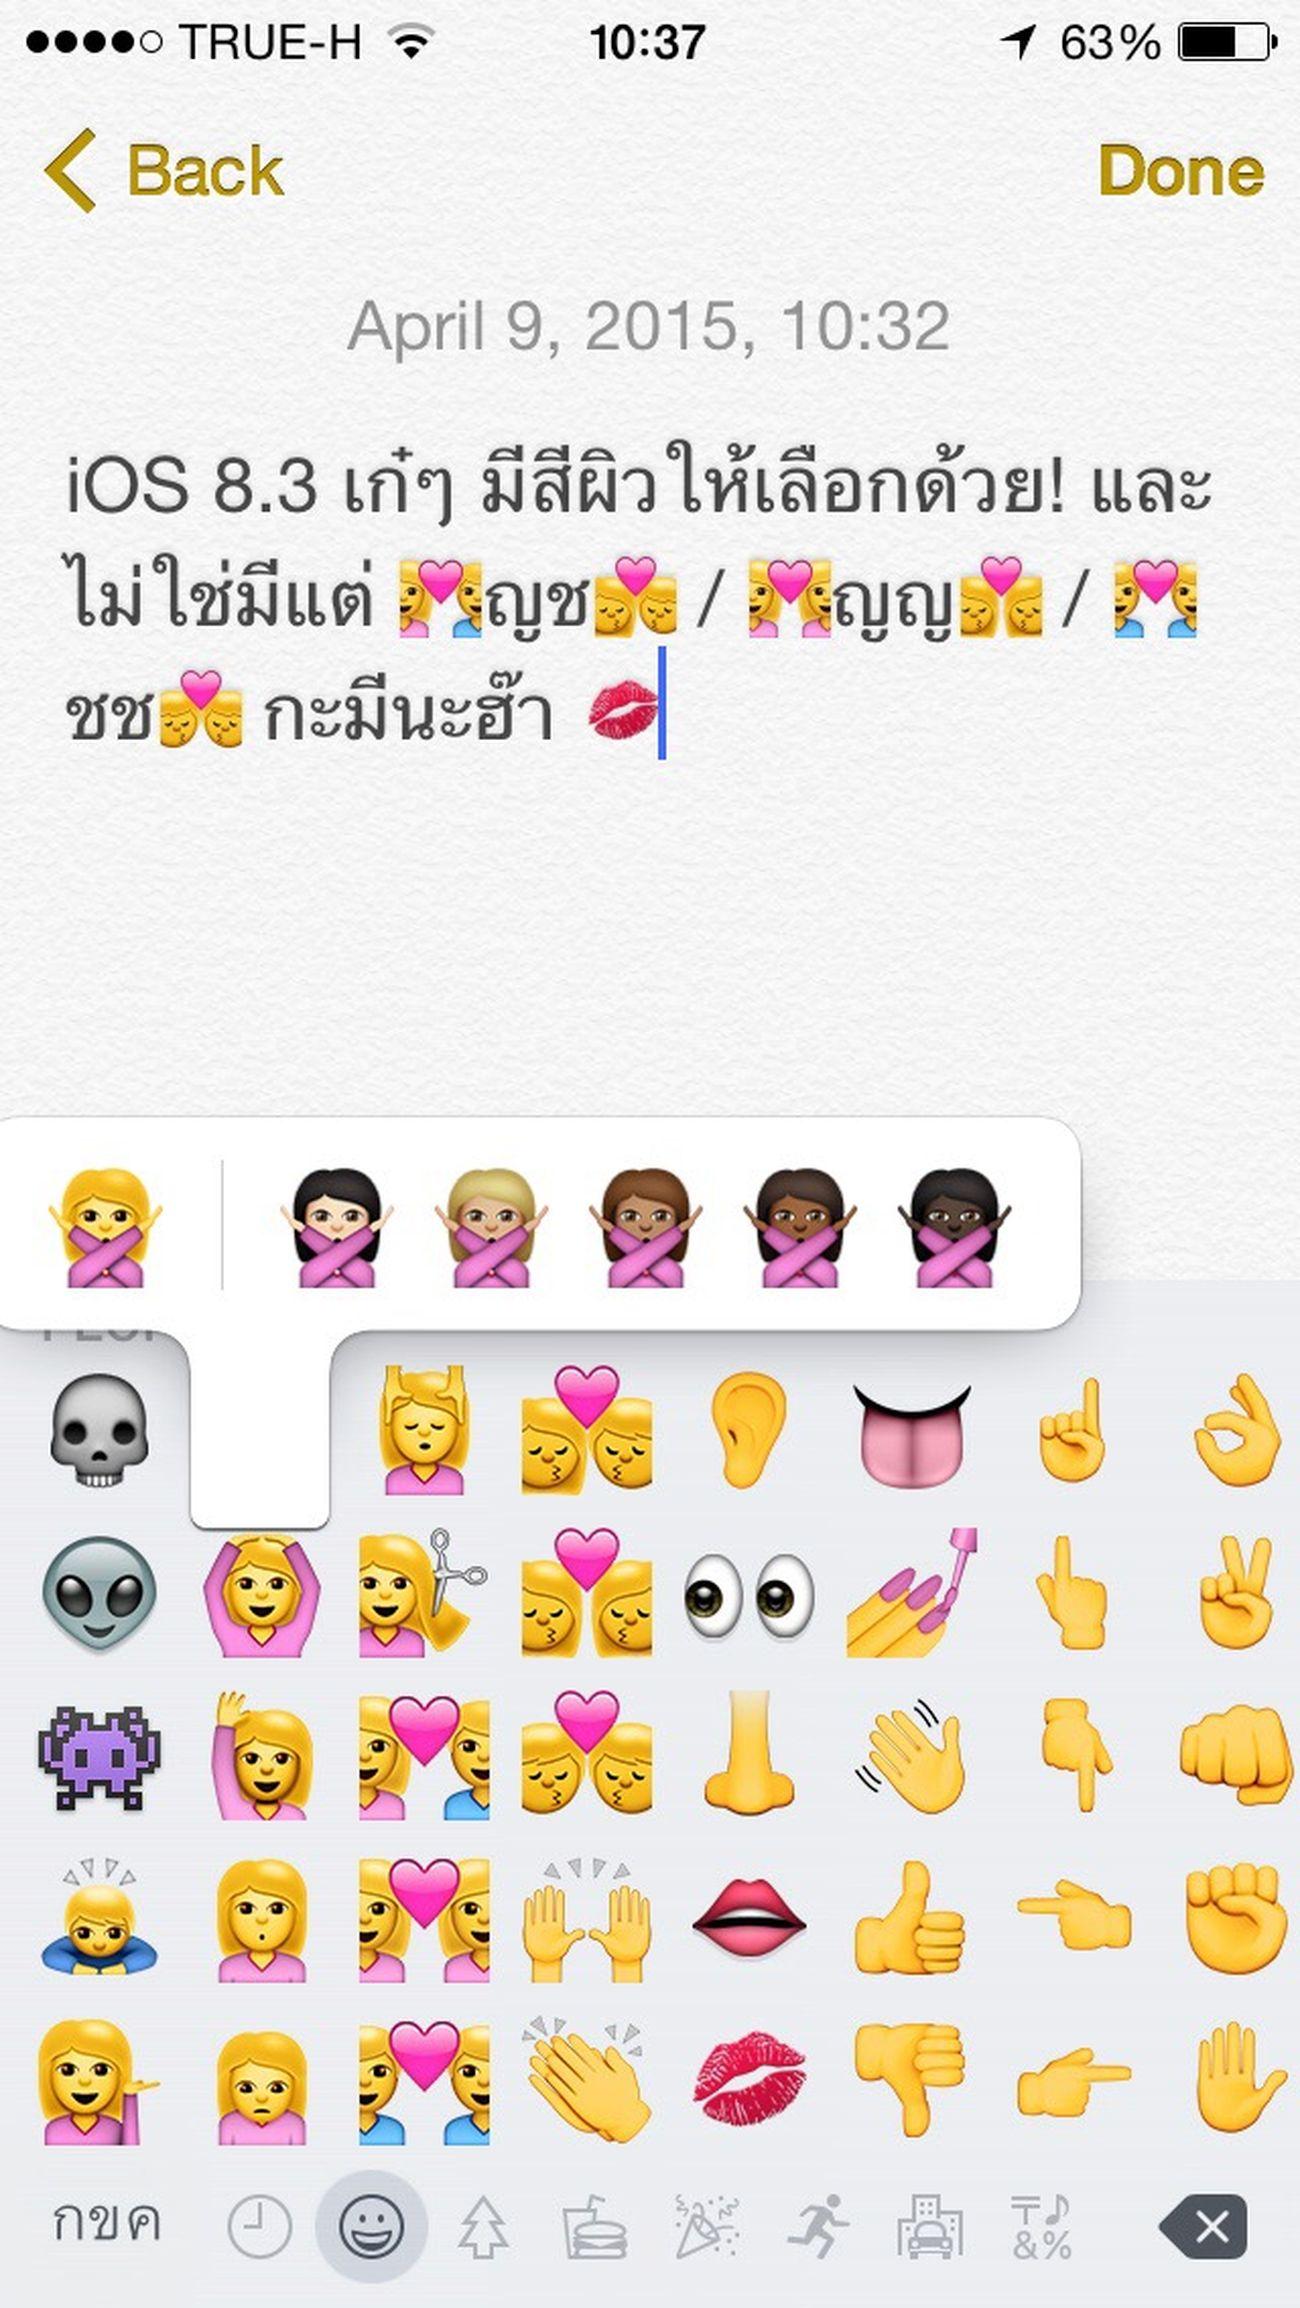 #iOS 8.3 เก๋ๆ มีสีผิวให้เลือกด้วย! และไม่ใช่มีแต่ 💑ญช💏 / 👩❤️👩ญญ👩❤️💋👩 / 👨❤️👨ชช👨❤️💋👨 กะมีนะฮ๊า 💋 Ios IOS 8.3 IPhone Emoji Emojis #iPhone #iOS83 #emoji #emojis